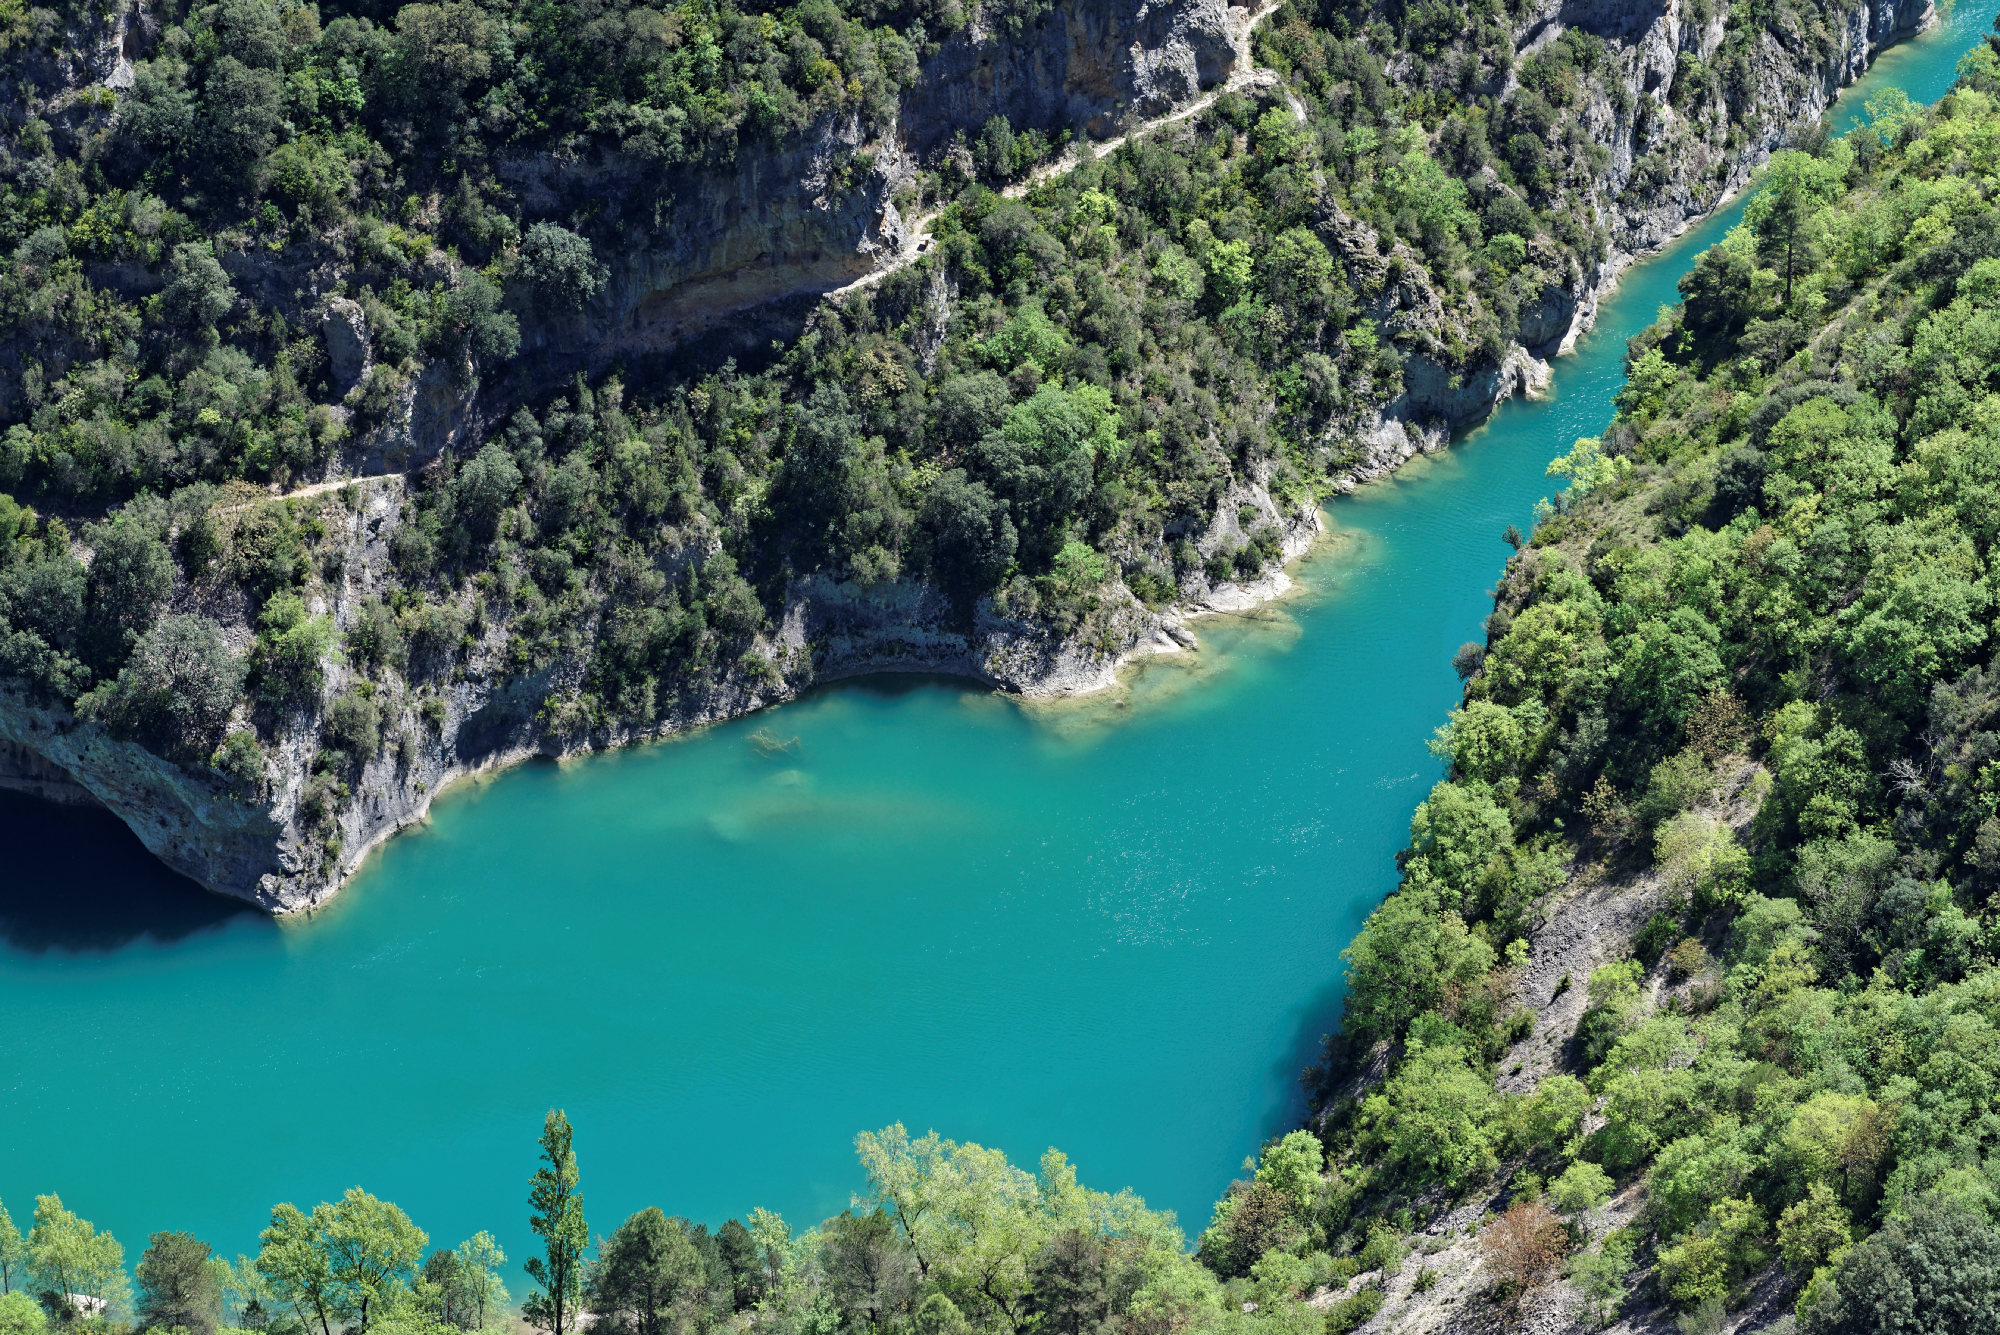 150428-Lac Mediano - Chateau Samitier - Liguerre de Cinca (Sobrarbe) (149)